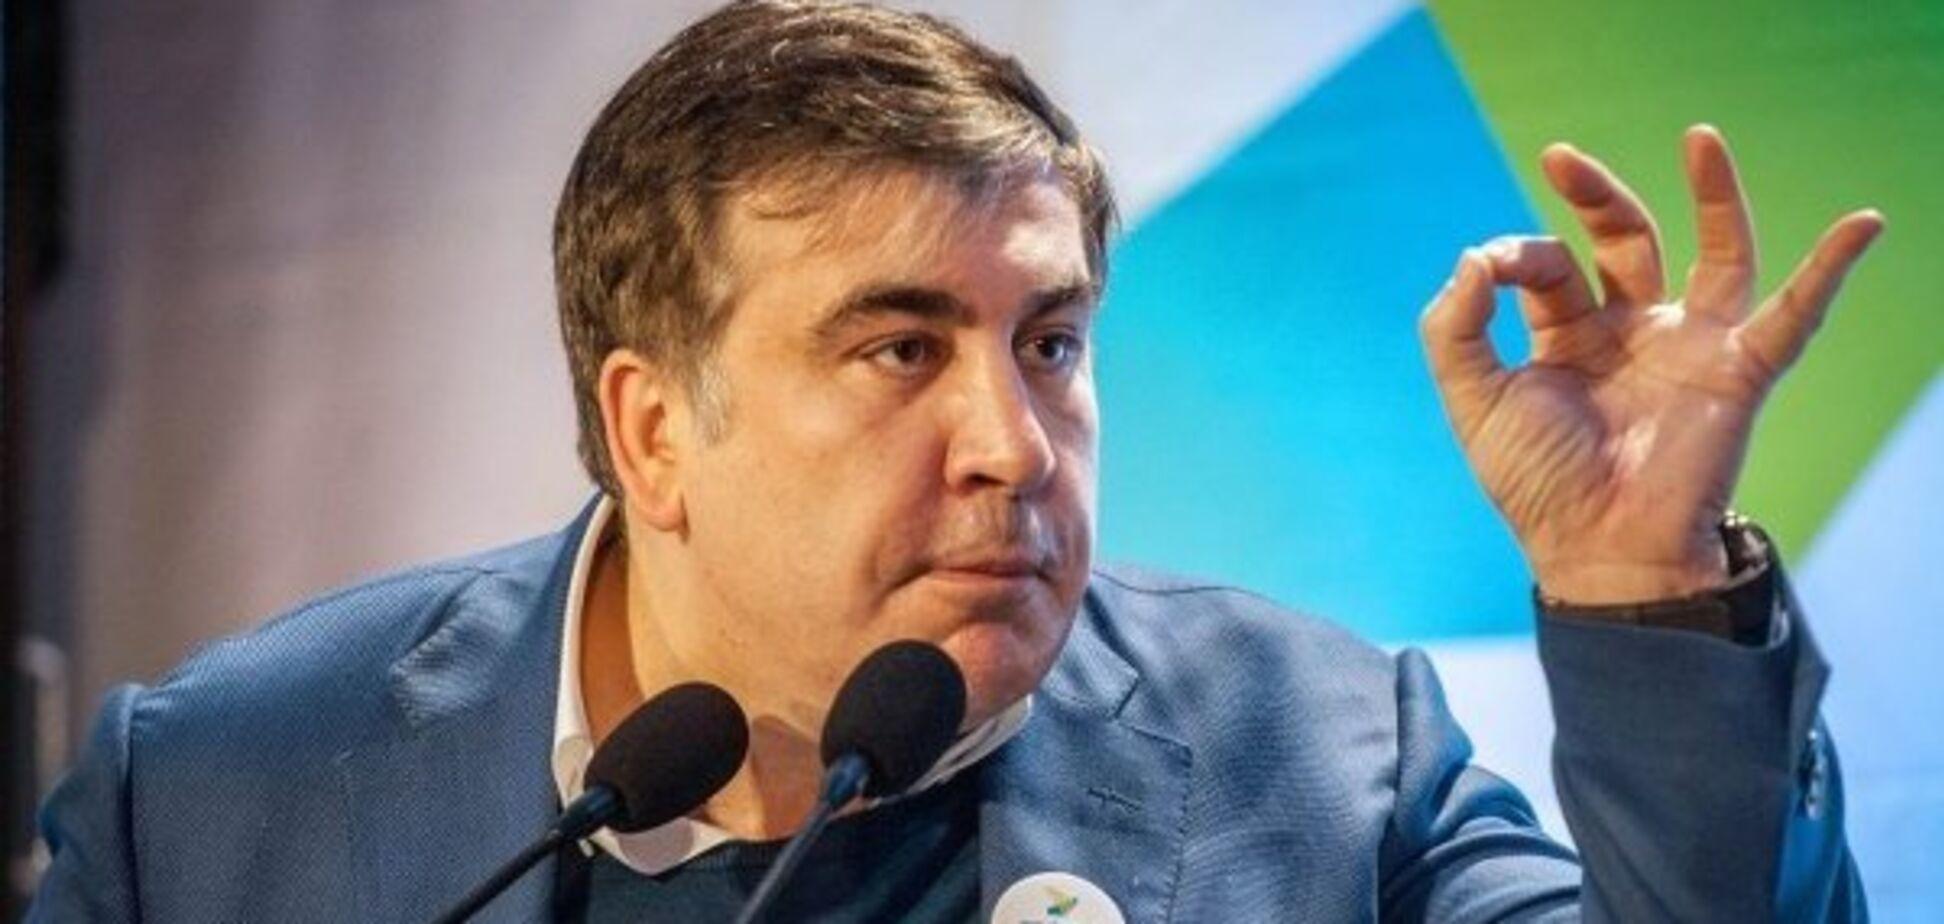 Саакашвили получил тюремный срок: стало известно, выдворят ли Михо из Украины